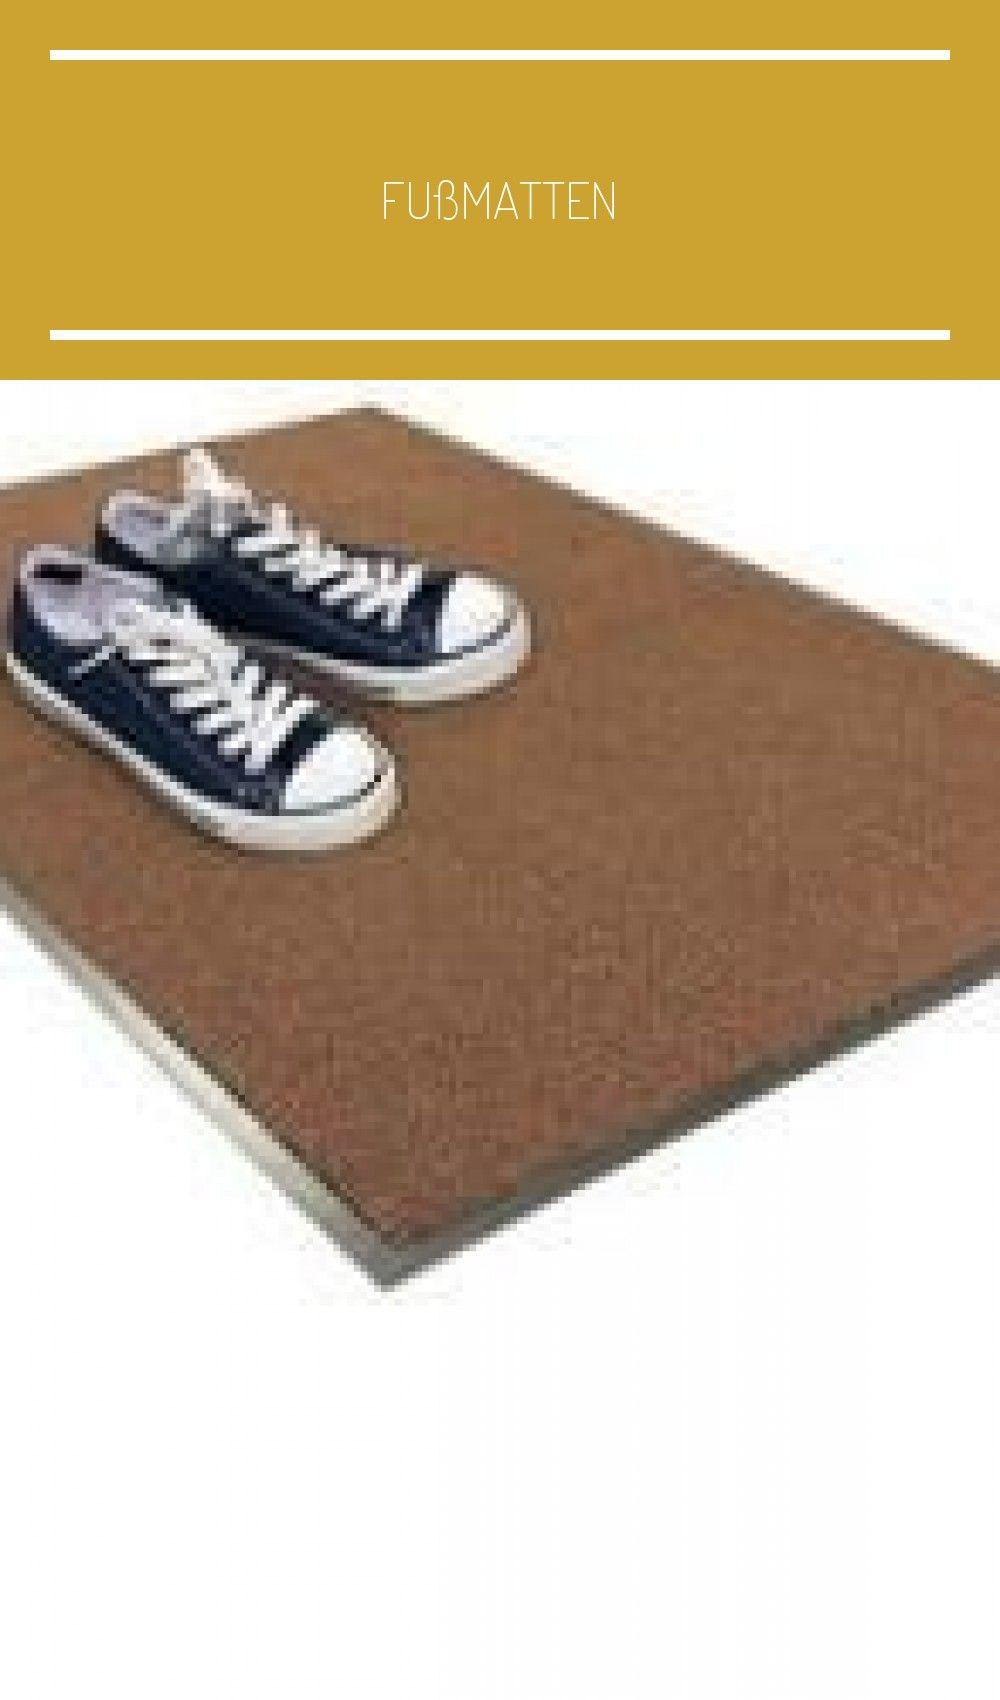 Photo of Fußmatten #eingangsbereich haus wand Fußmatten – io.net/design